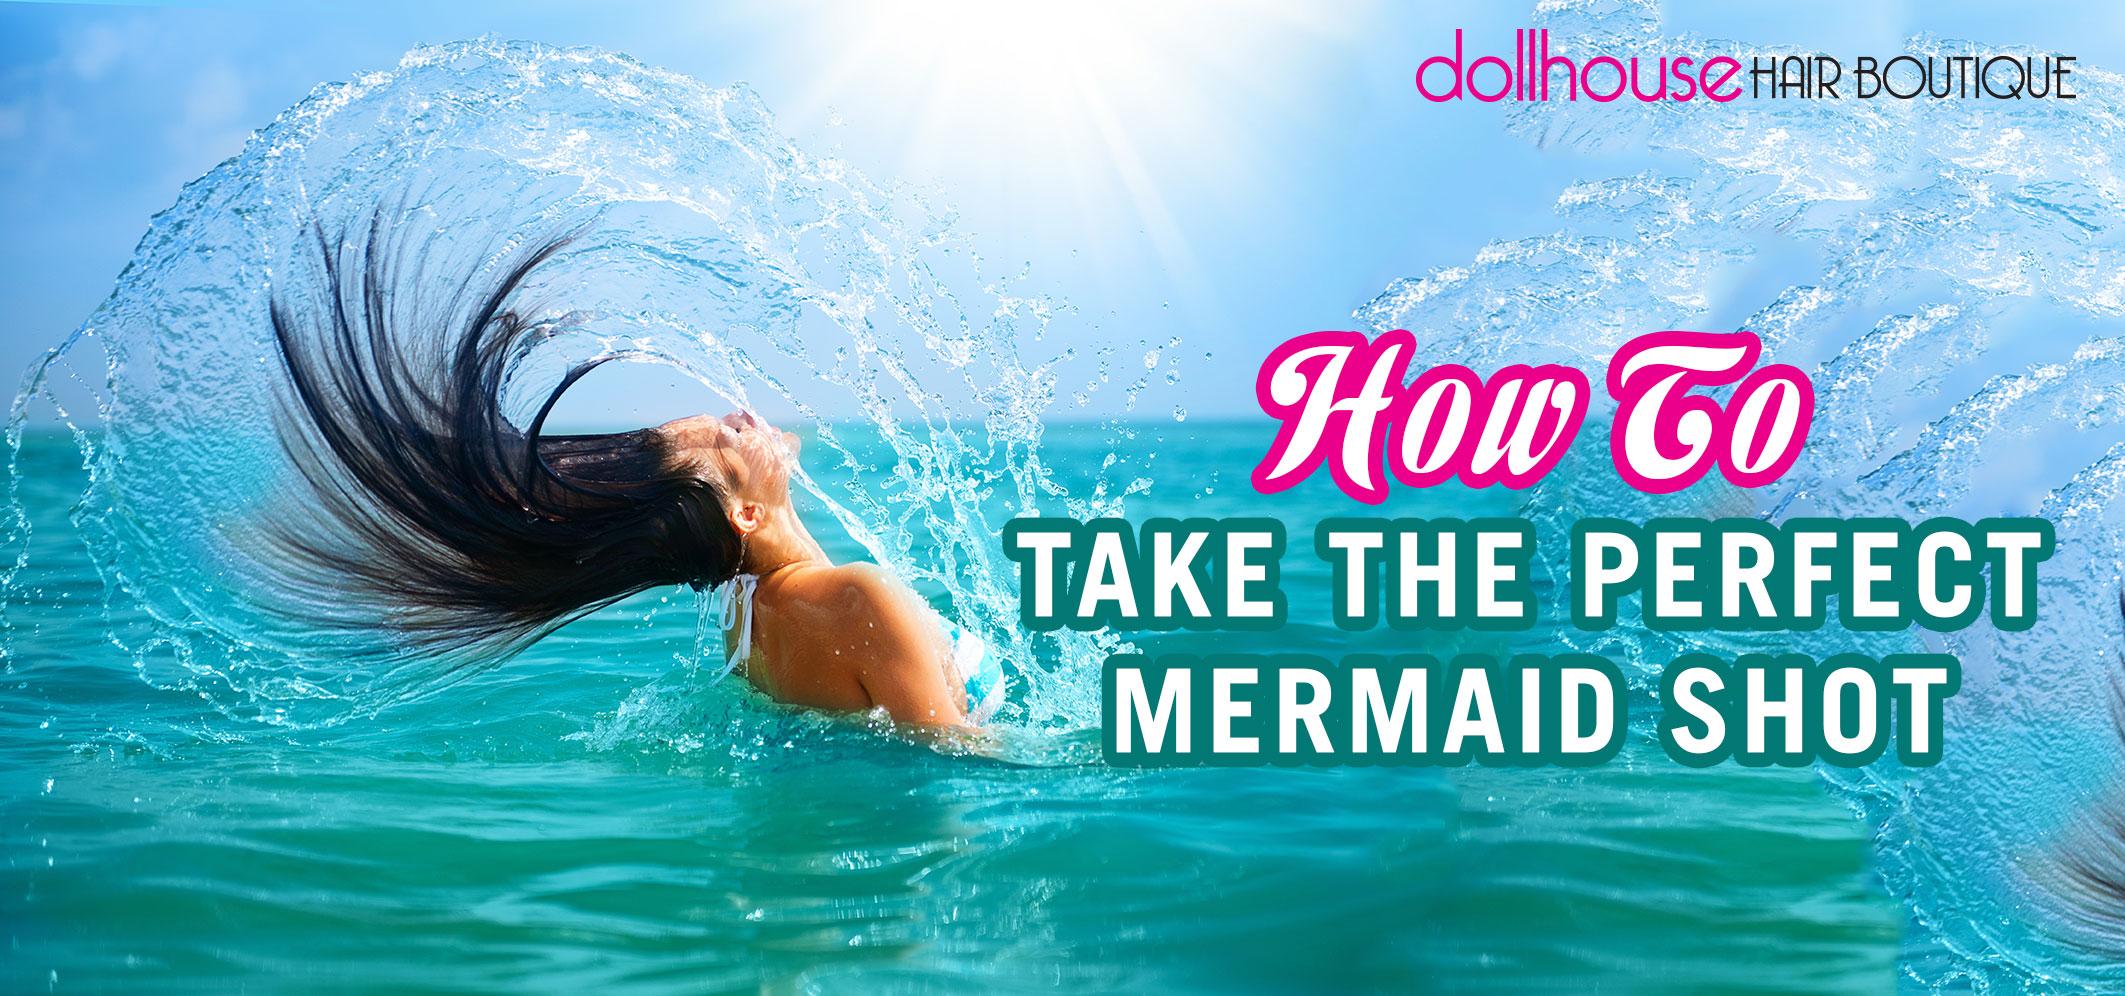 How-to-take-the-perfect-mermaid-shot